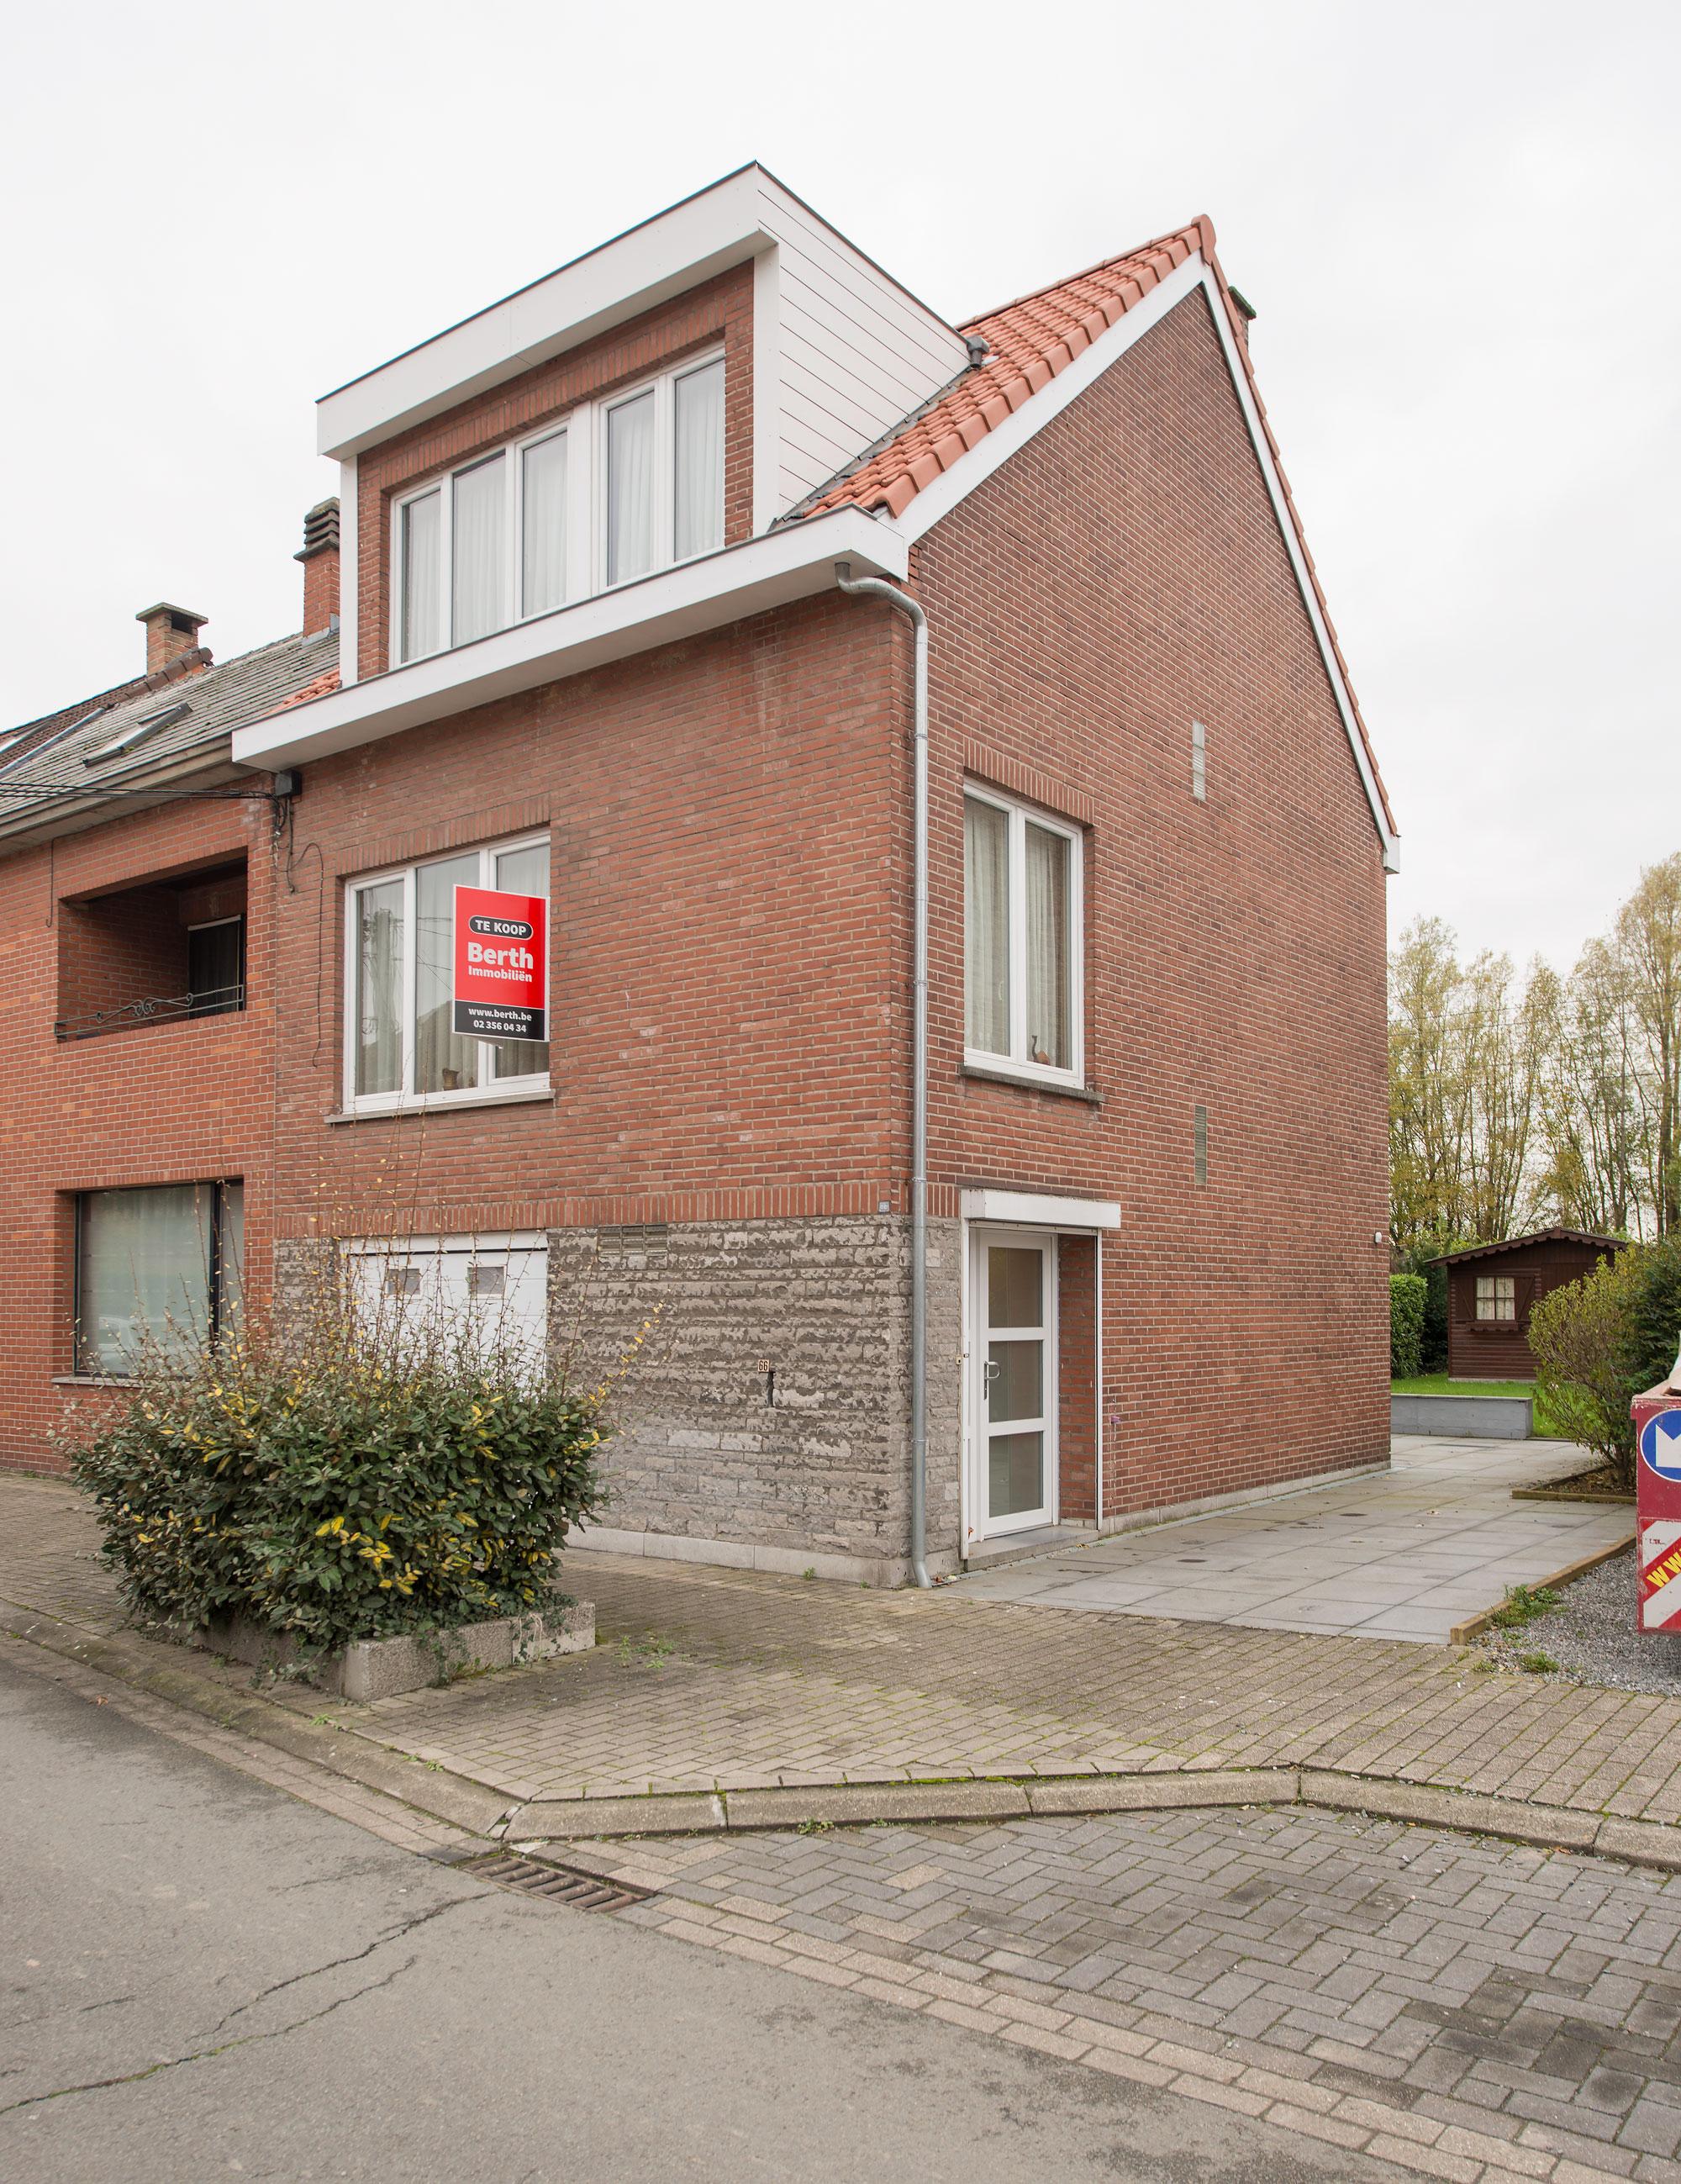 Kleine Brugstraat 66, 1601 Ruisbroek